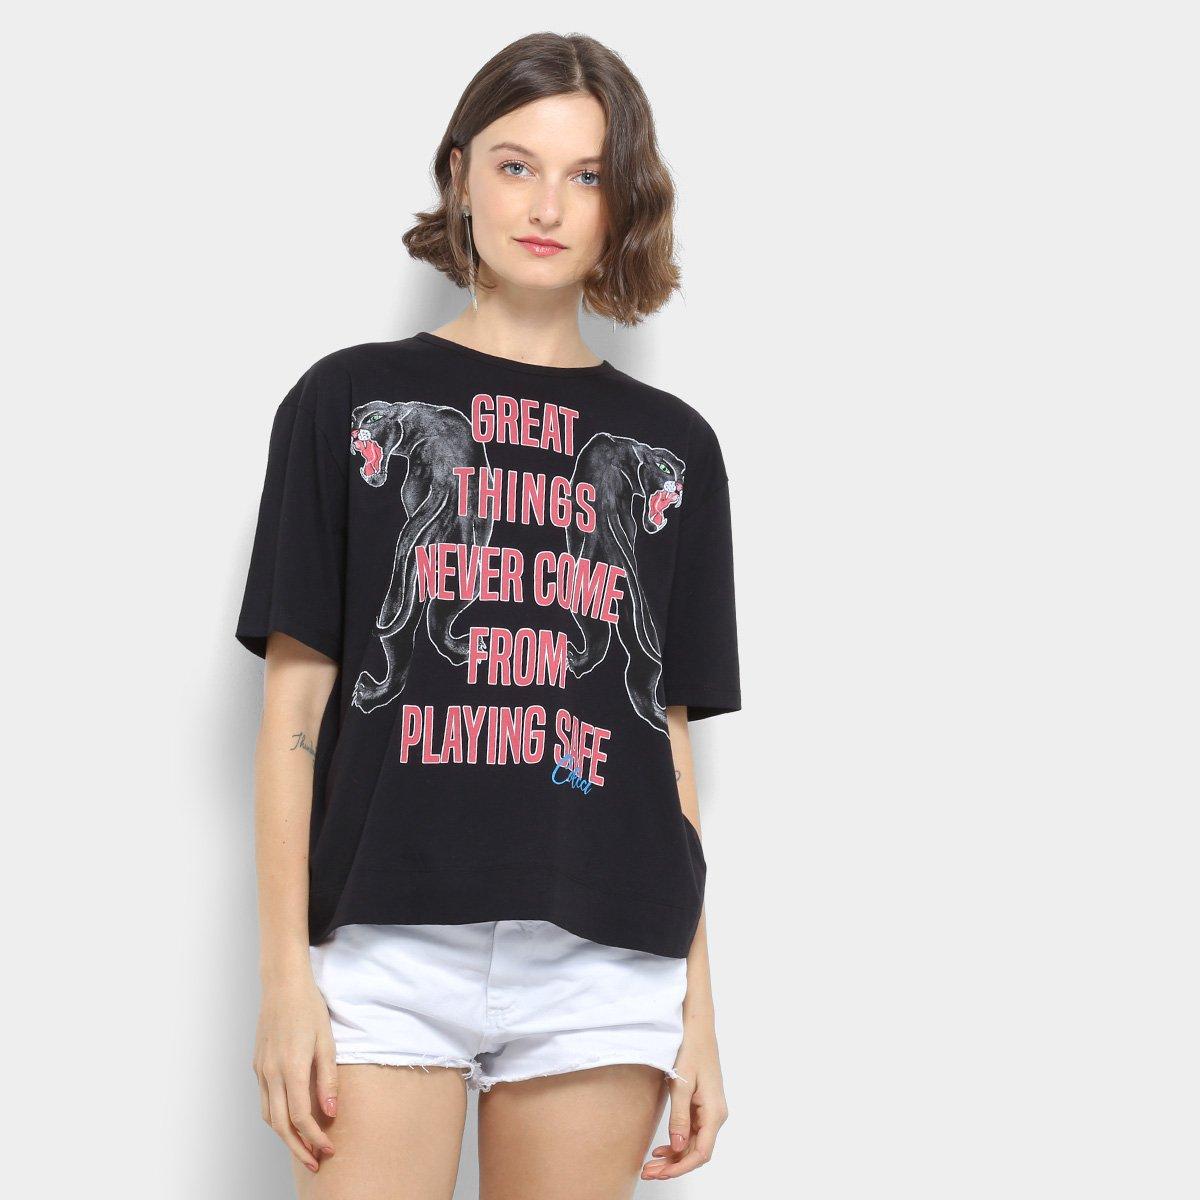 994bc7513 Camiseta Colcci Estampada Feminina